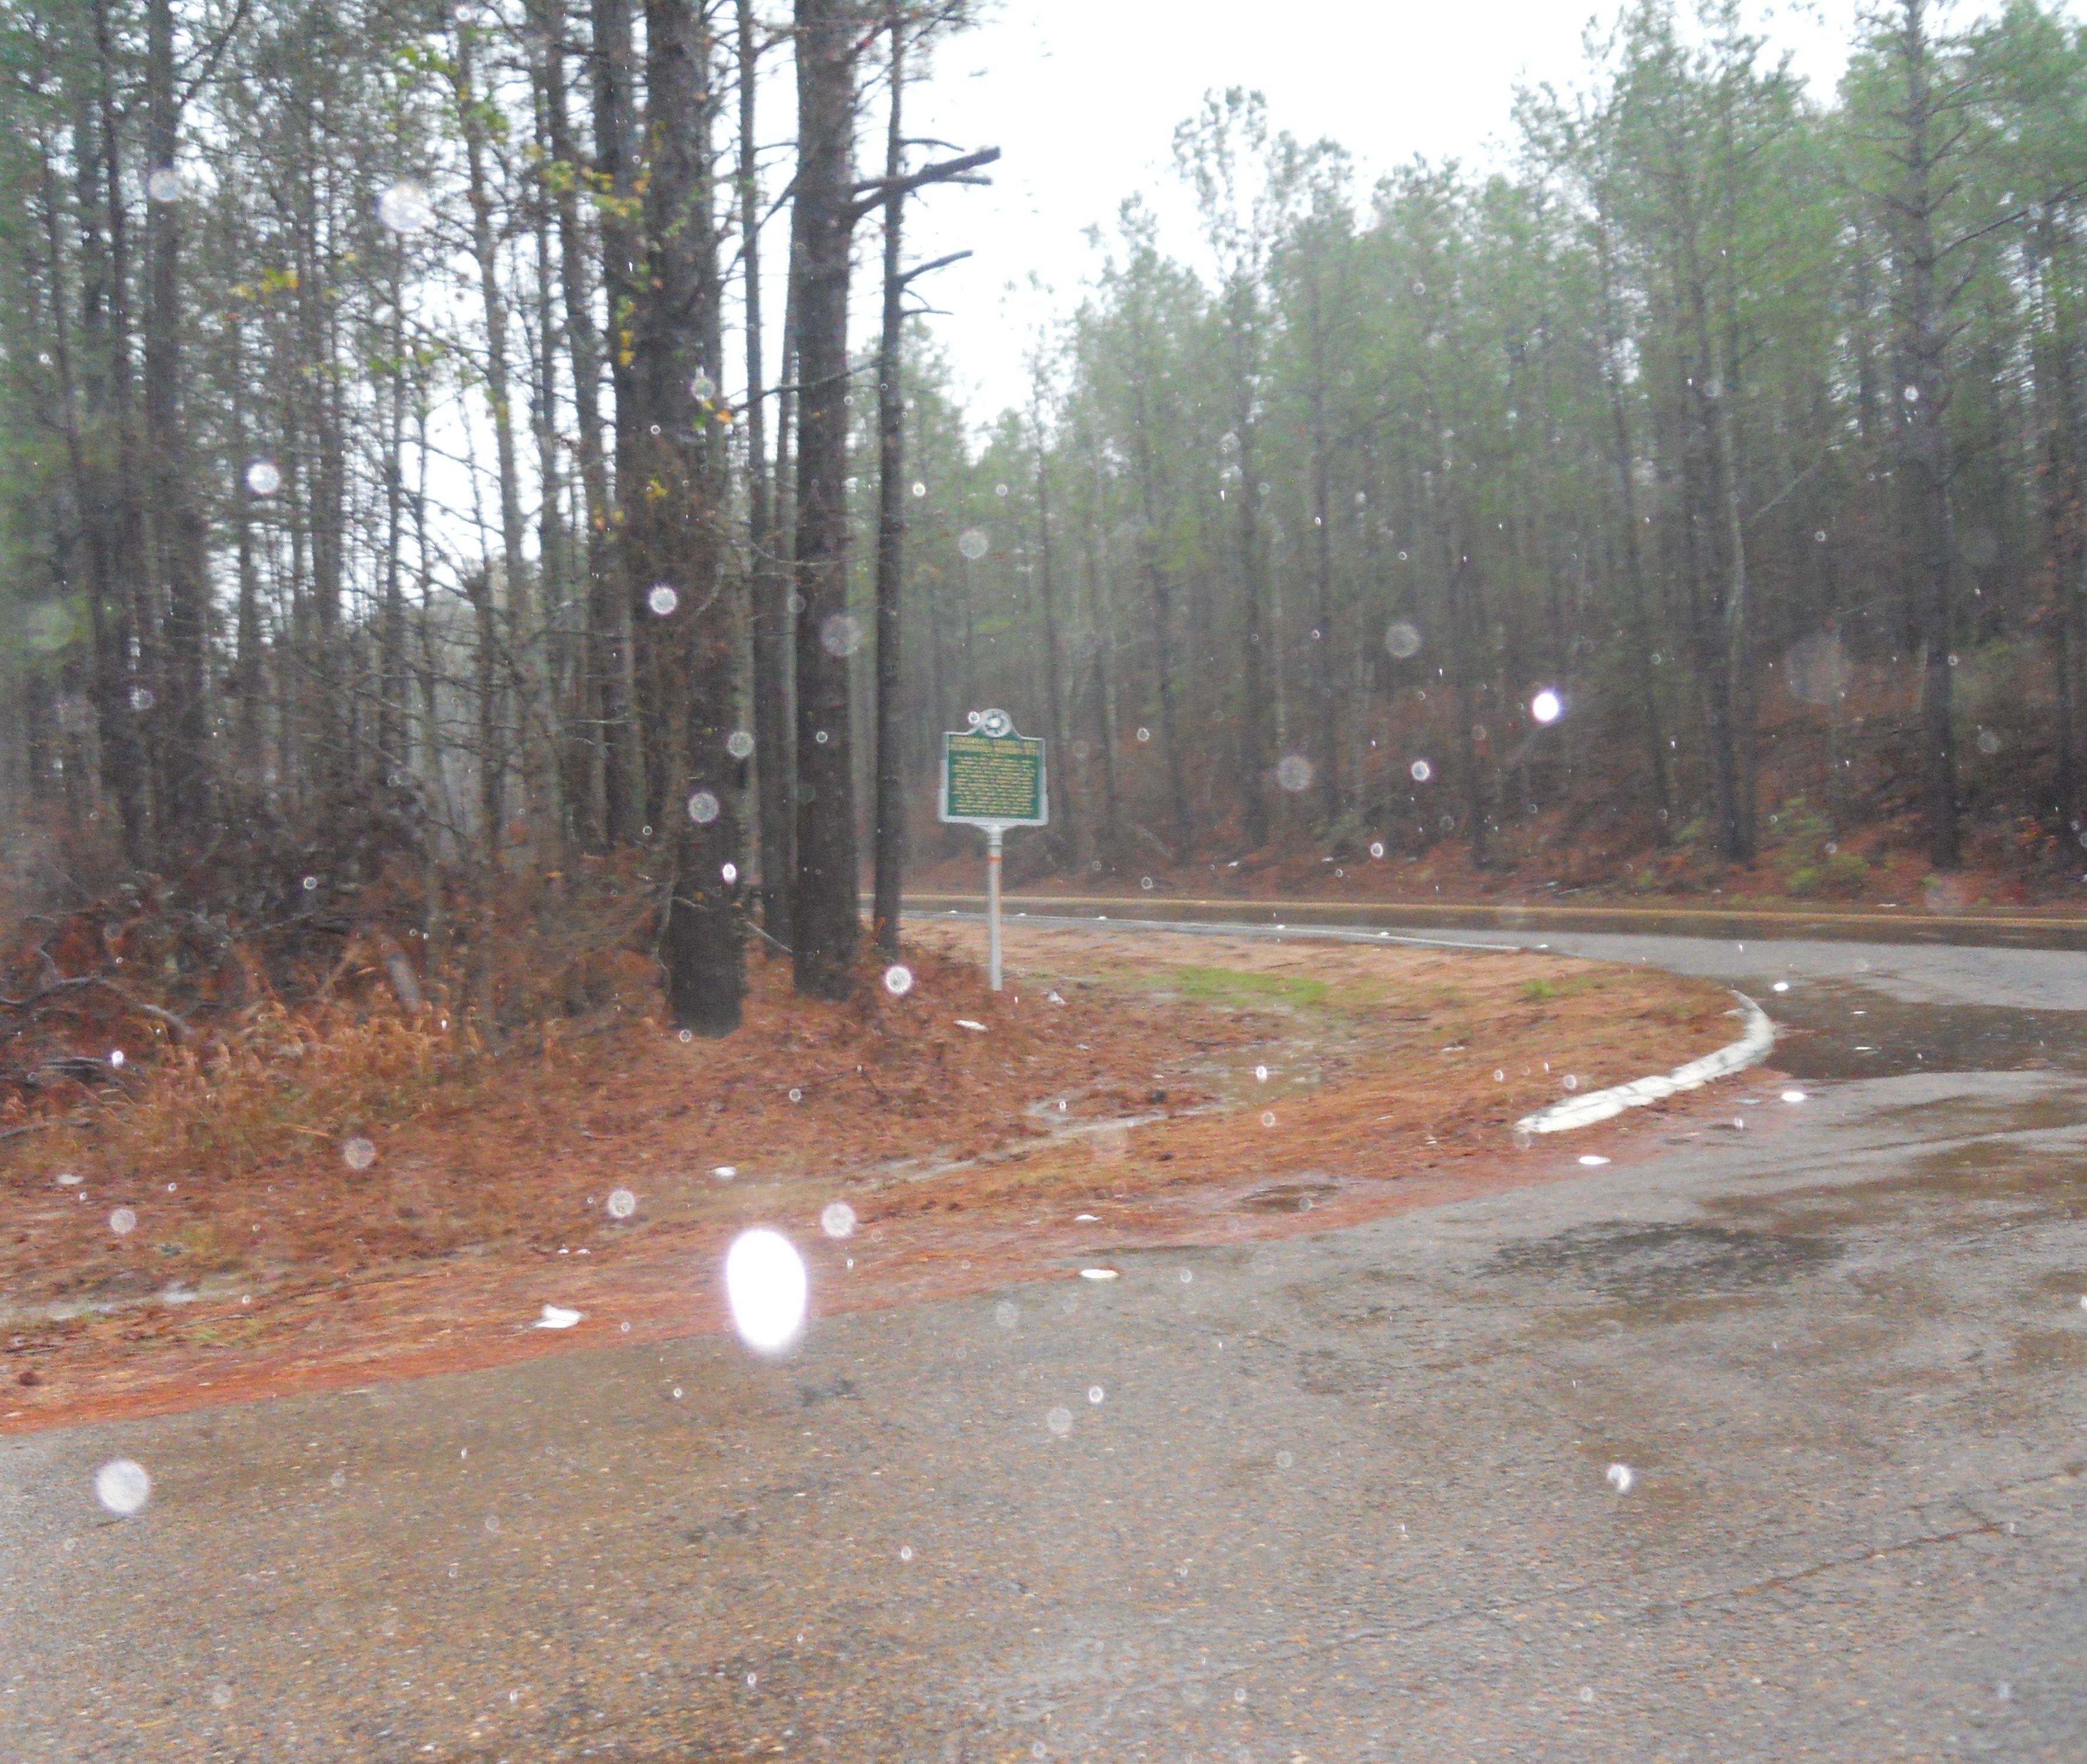 Freedom Summer Murder Site Outside of Philadelphia, Mississippi. Historical marker beside wooded road on rainy day.